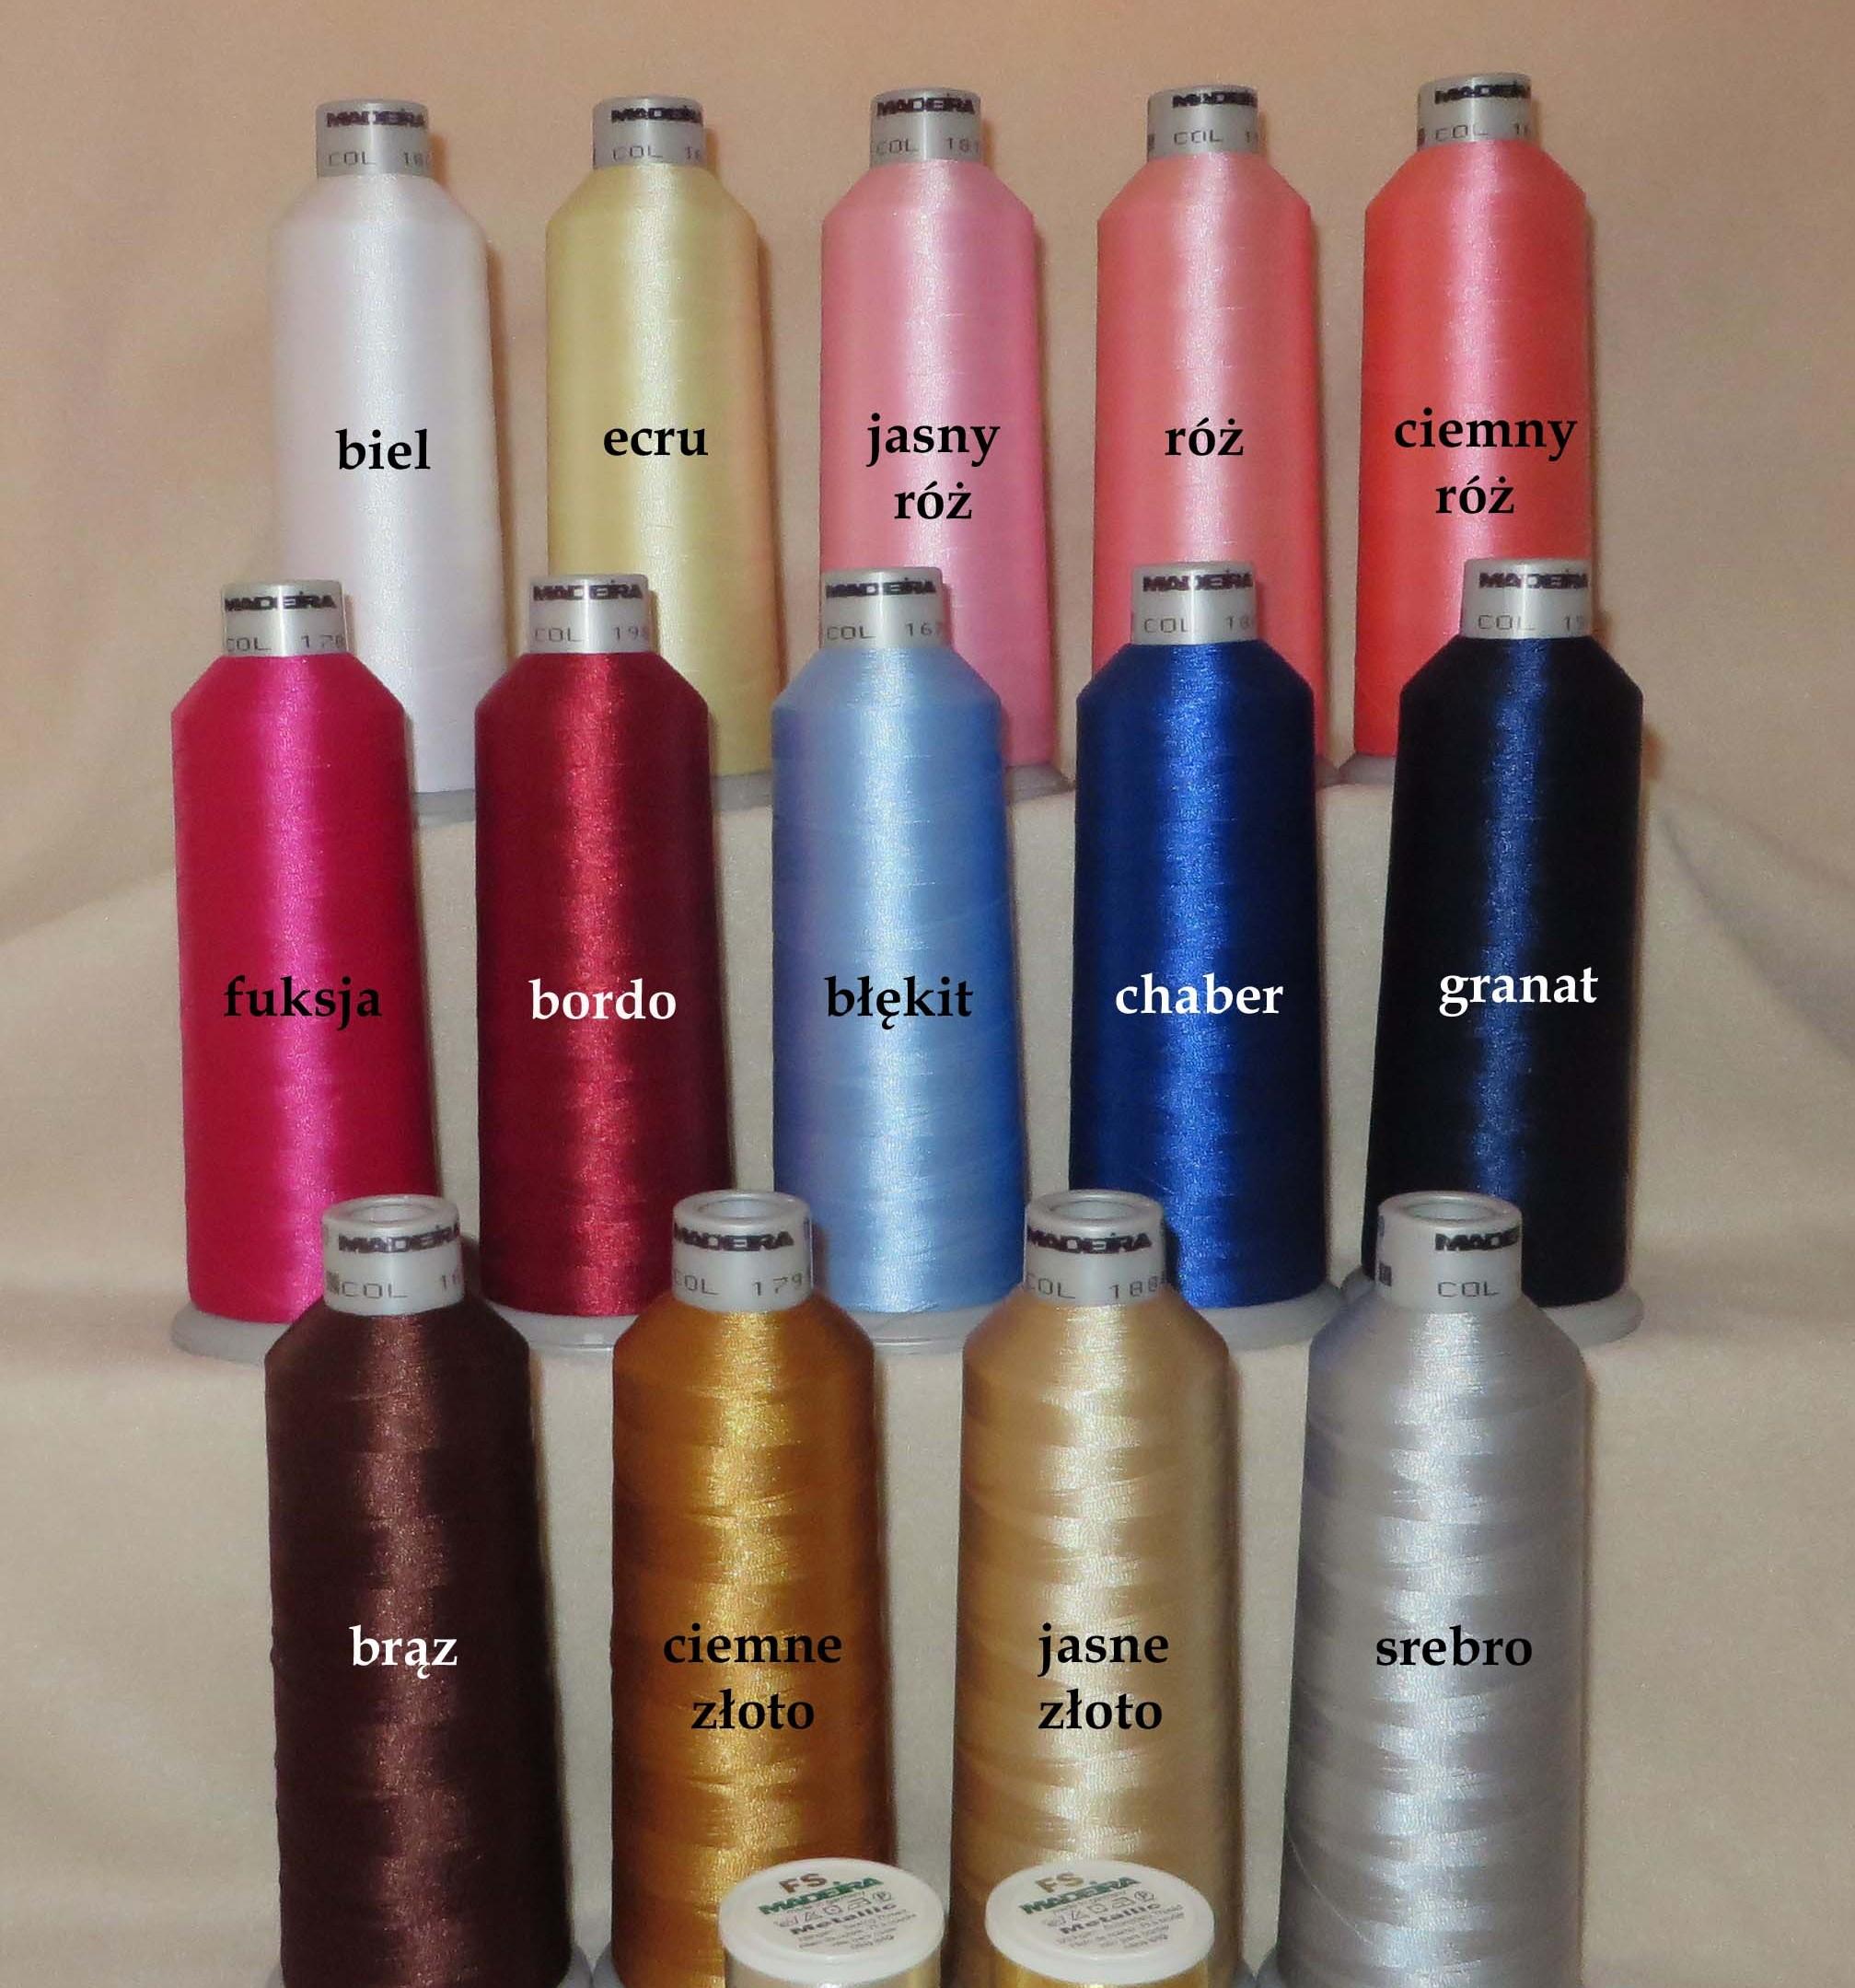 kolory nici do wyboru haft komputerowy maszynowy szydelkowakraina